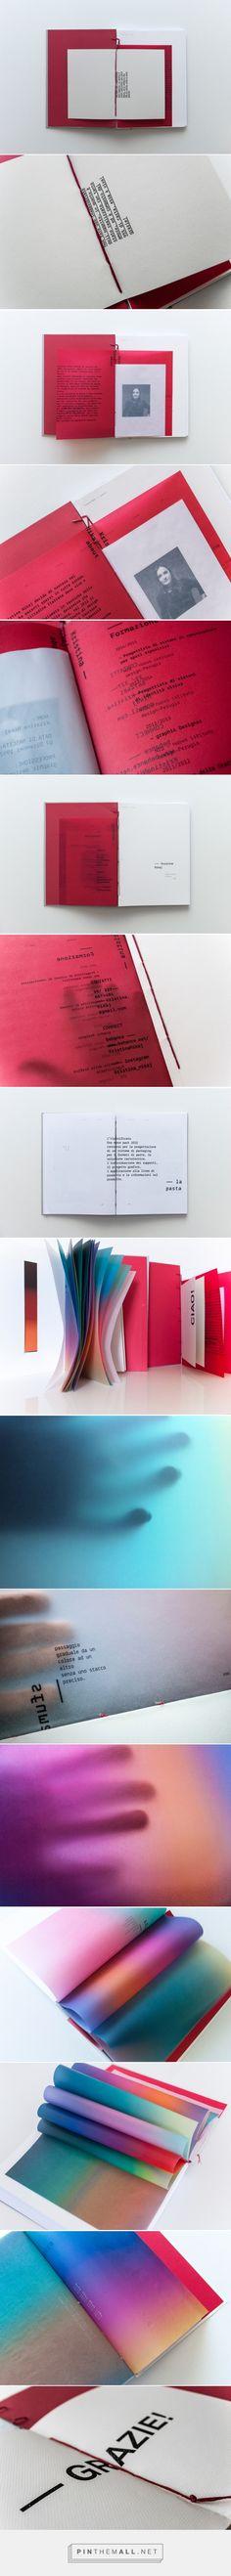 Kristina Nikaj - Portfolio / CV—2015 on Behance